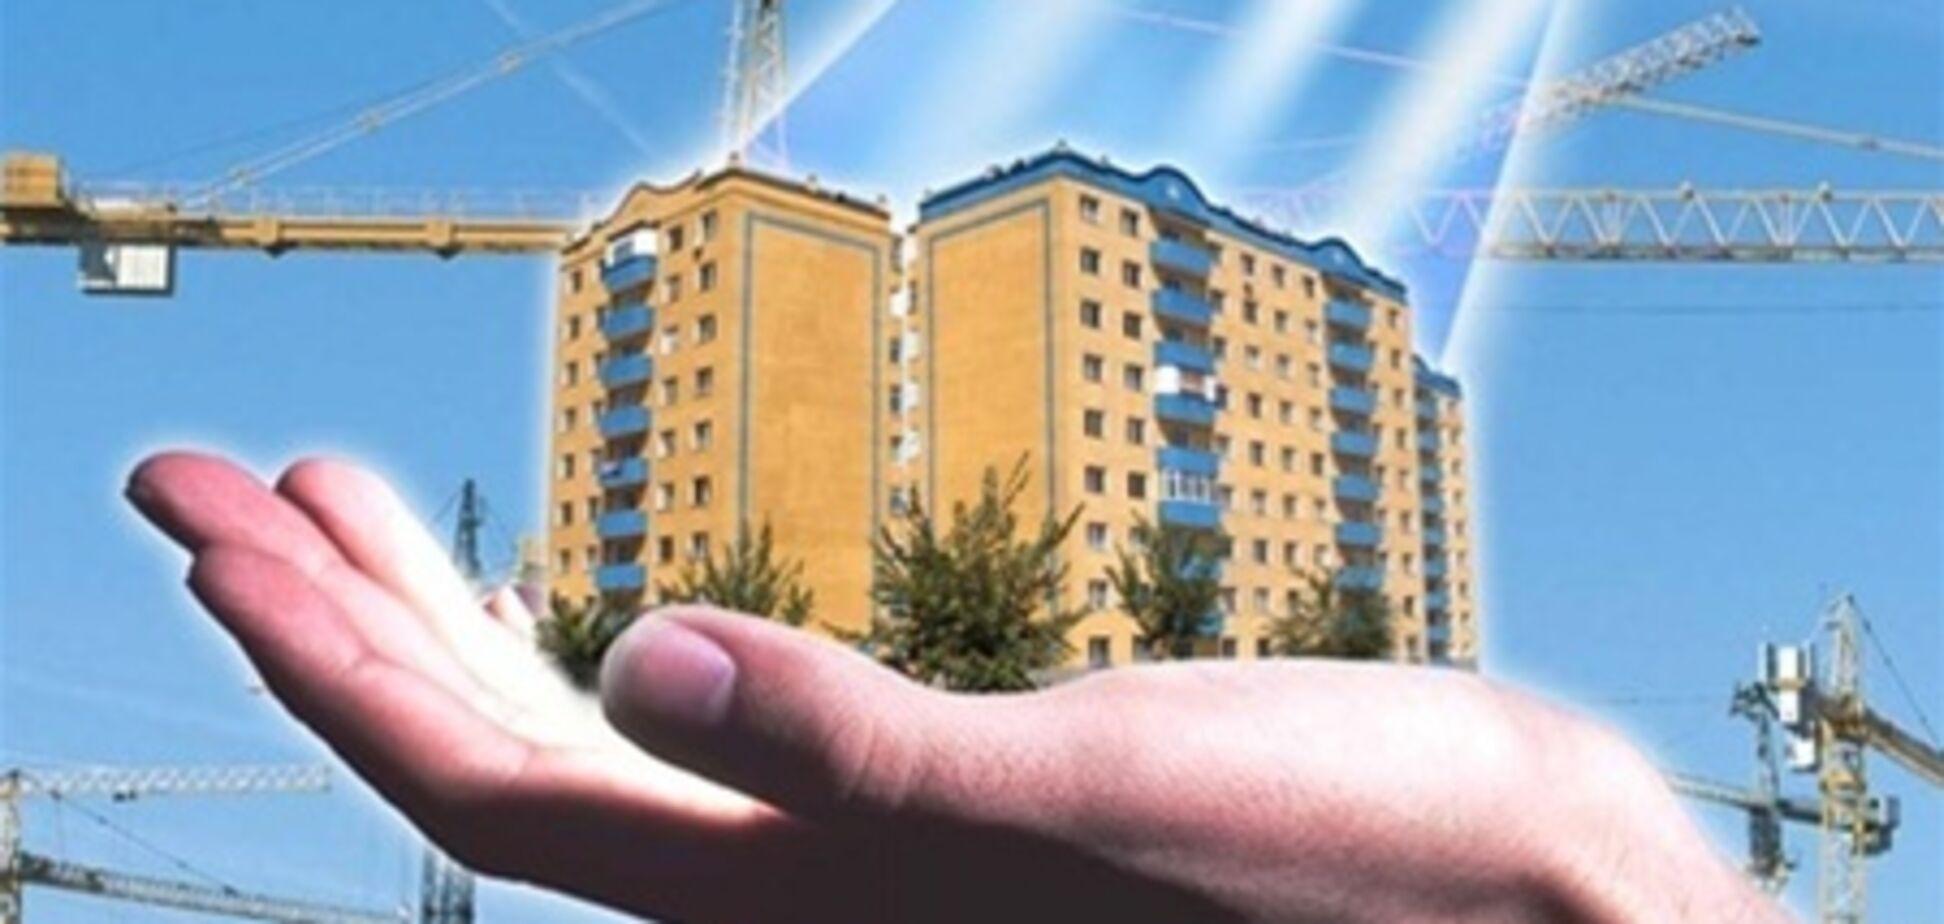 В 2013 году в Украине появится 90 тыс. новых квартир